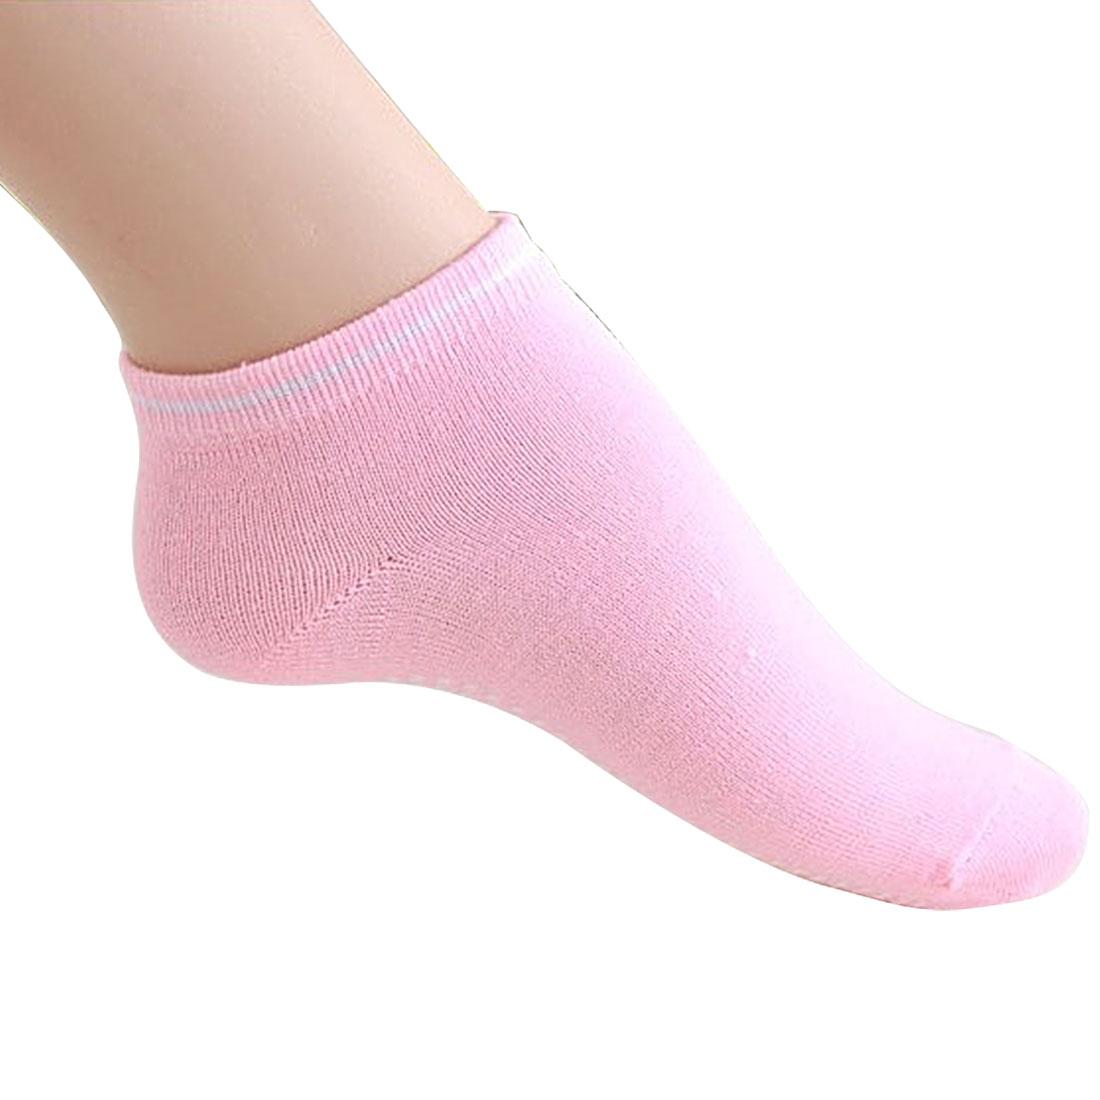 2017 Новый Для женщин Фитнес хлопок Тренажерный Зал Носки Нескользящие массажные Пилатес носки SW6101-6105